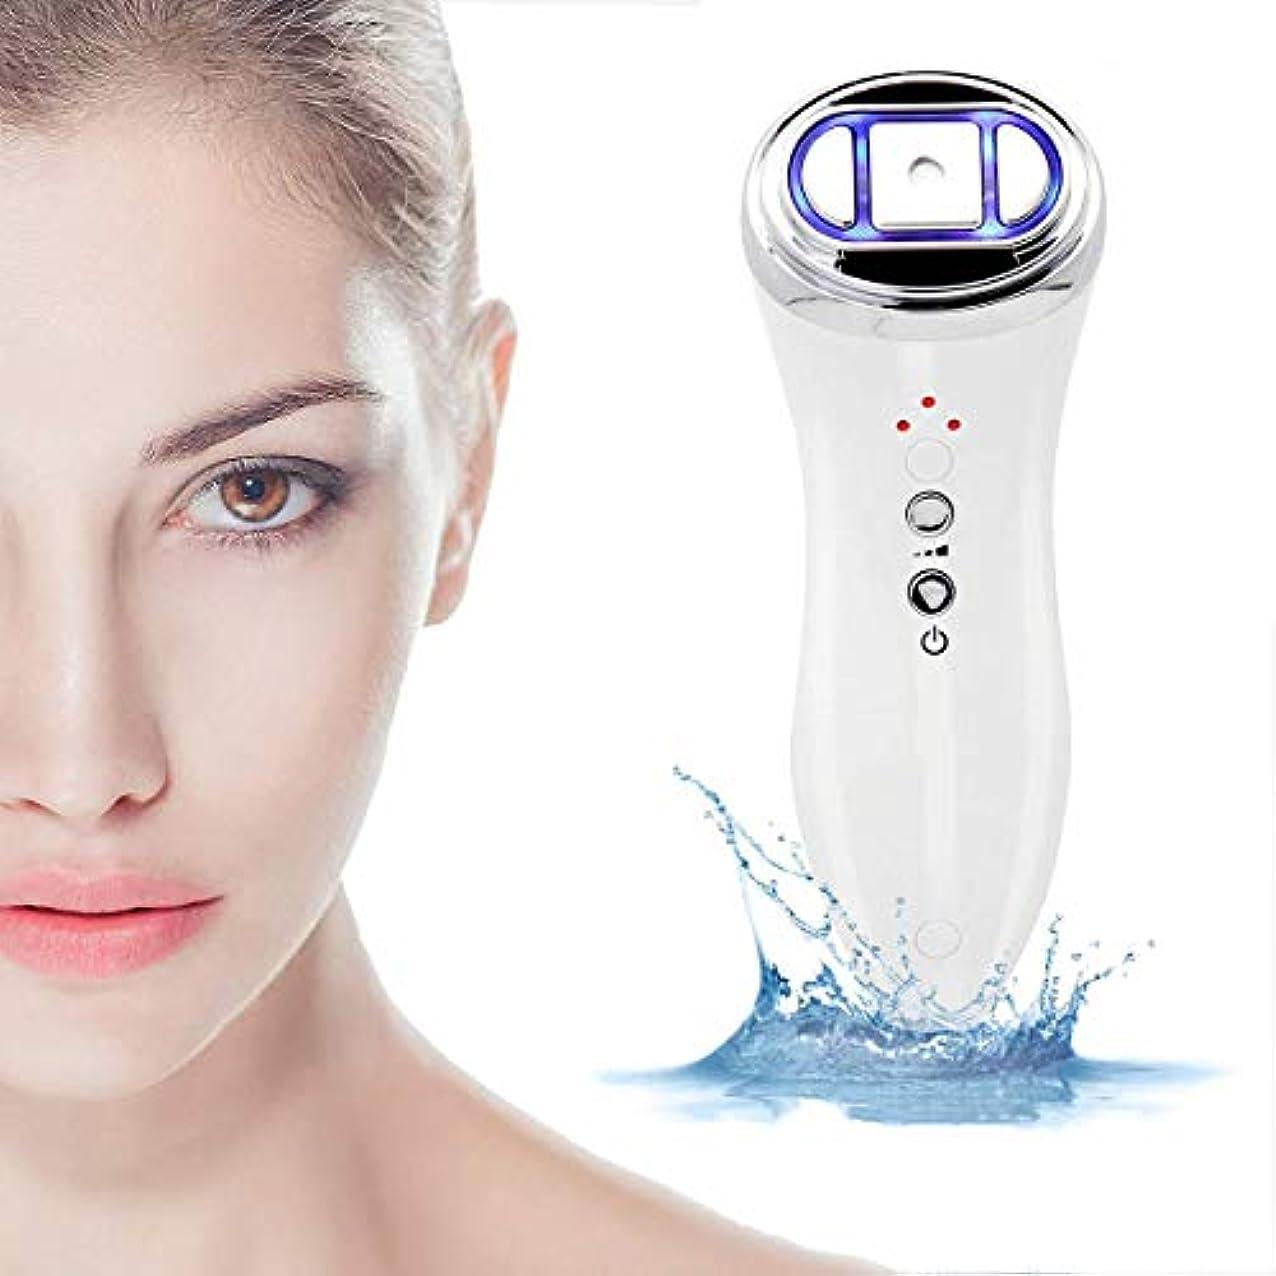 顔の顔のマッサージャー、美装置高周波しわはスキンケア機械を取除きます - 目の顔の持ち上がることおよびきつく締めるため